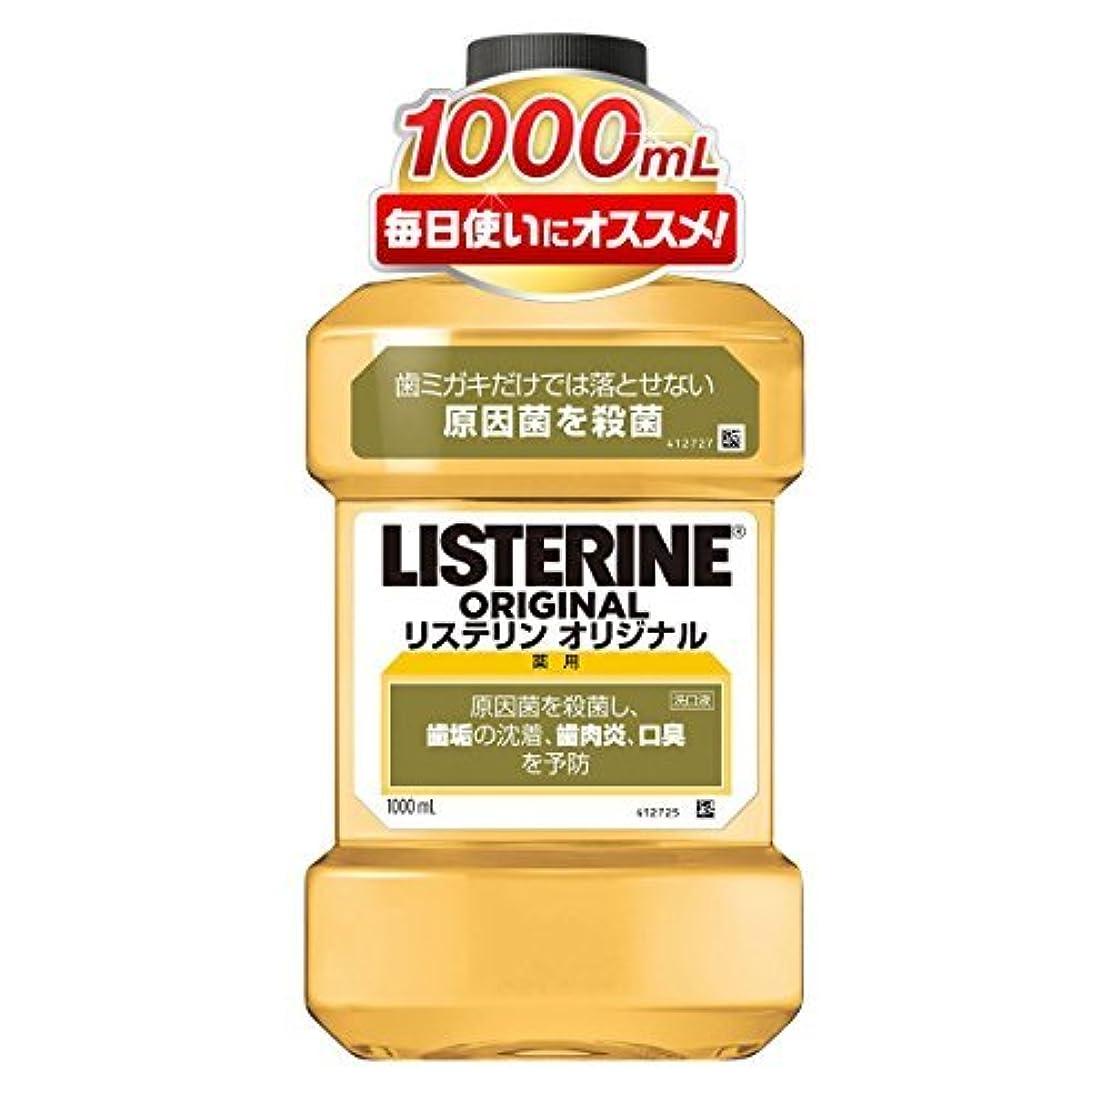 没頭するトロピカルデッドロック薬用リステリン オリジナル 1000ml ×6個セット